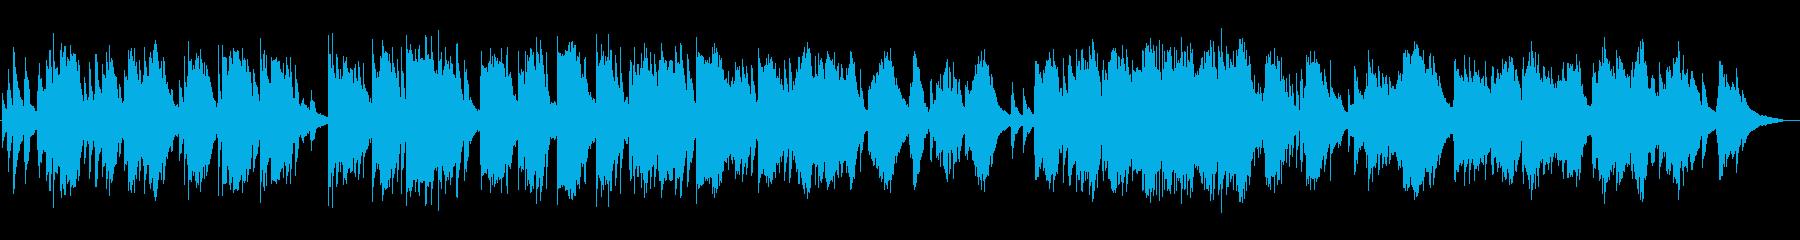 静かな夜、夜明けのイメージのピアノソロの再生済みの波形